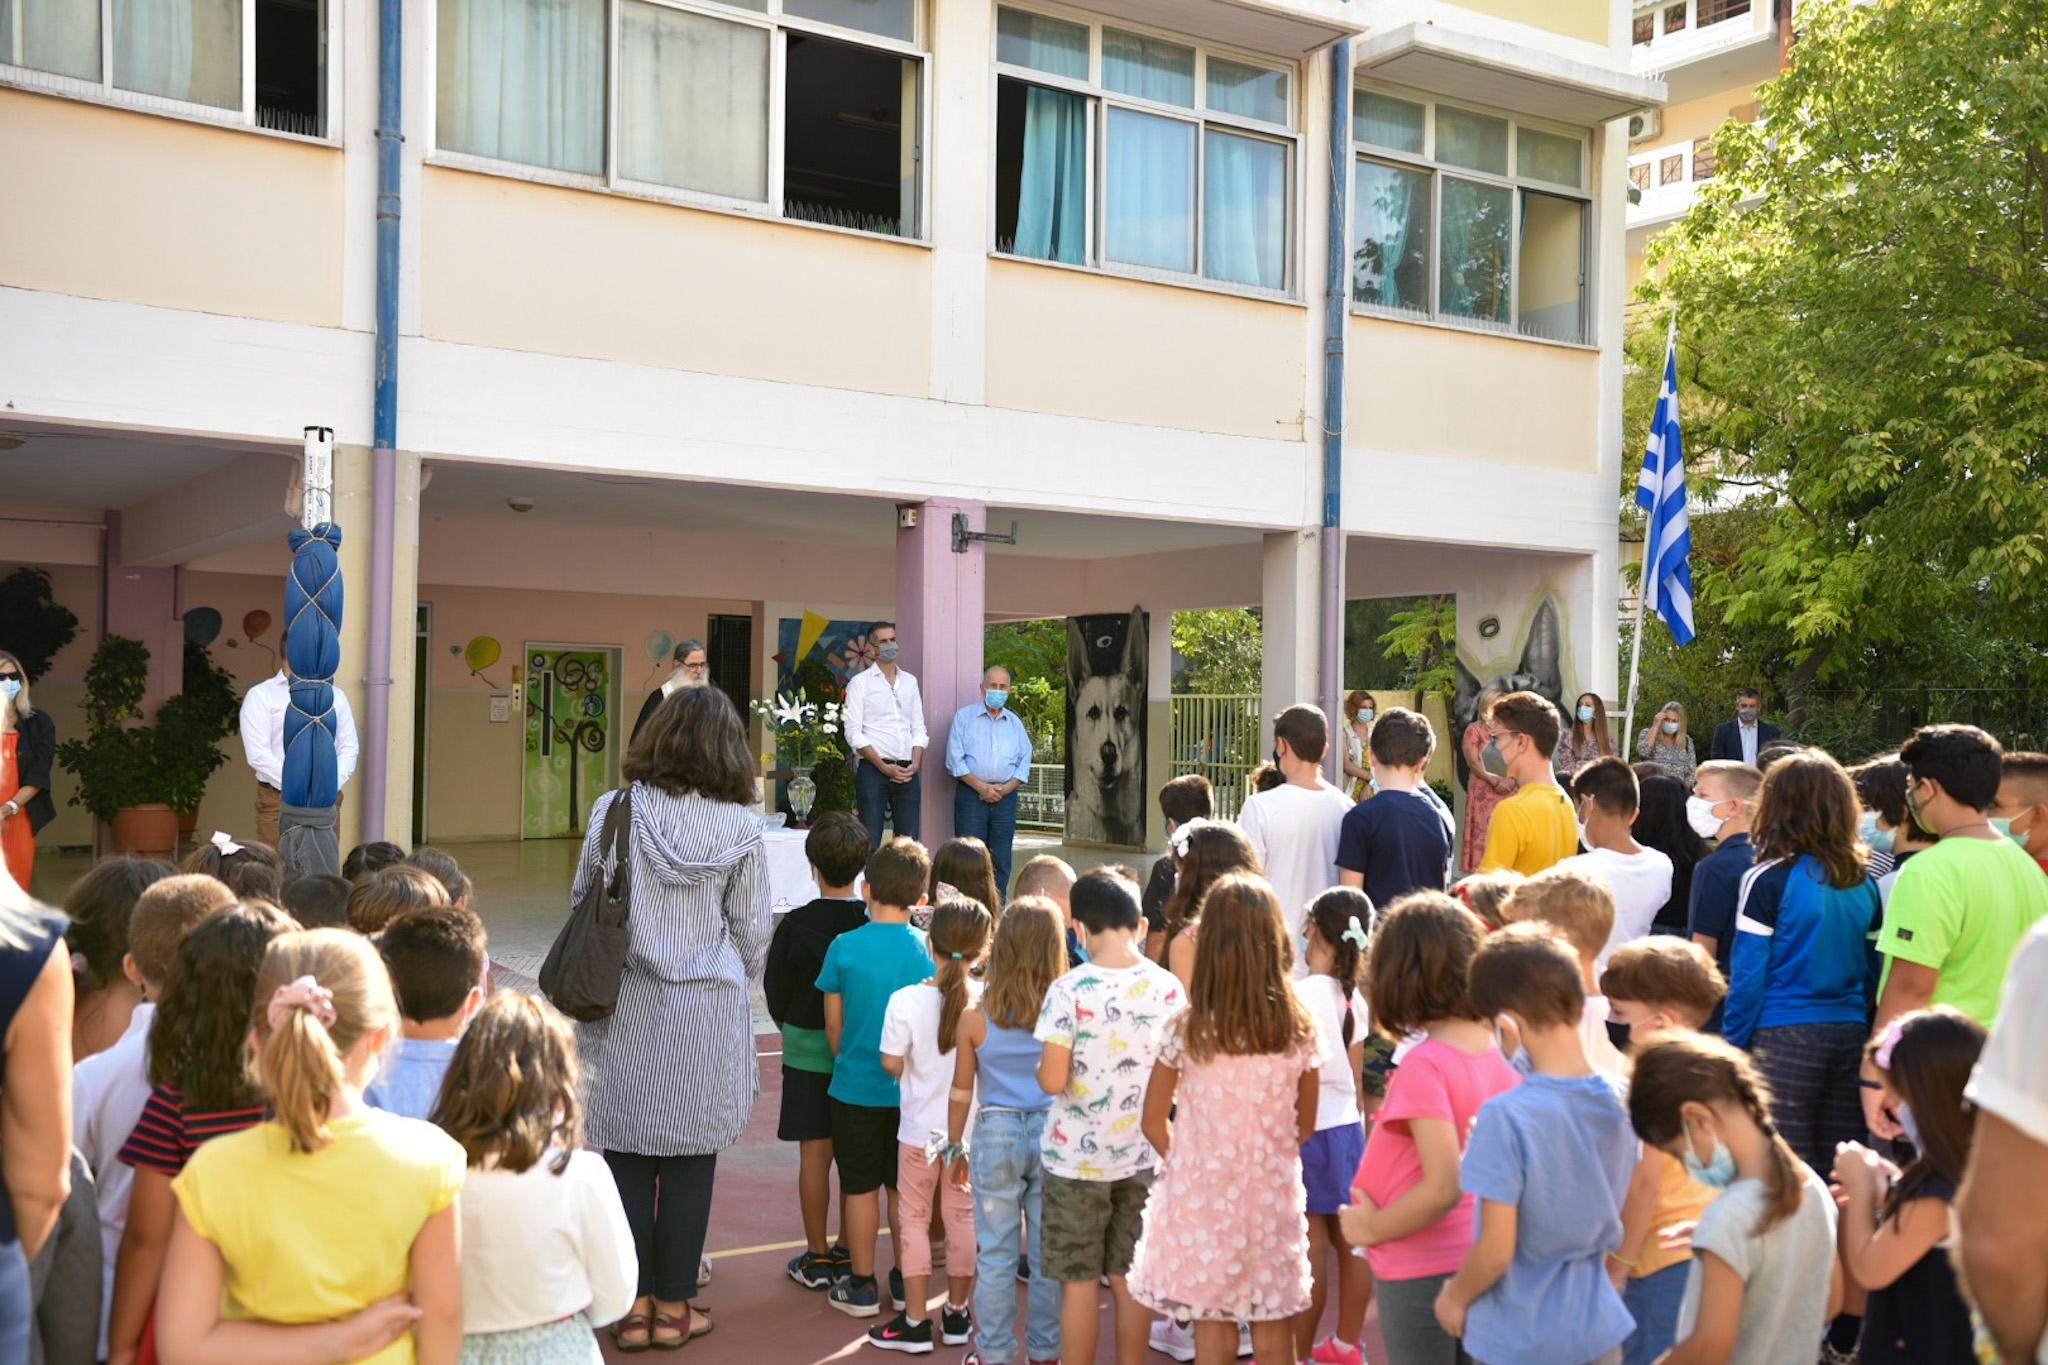 Δήμος Αθηναίων: 1.300 παιδιά προσχολικής ηλικίας θα κάνουν μάθημα στα νέα νηπιαγωγεία